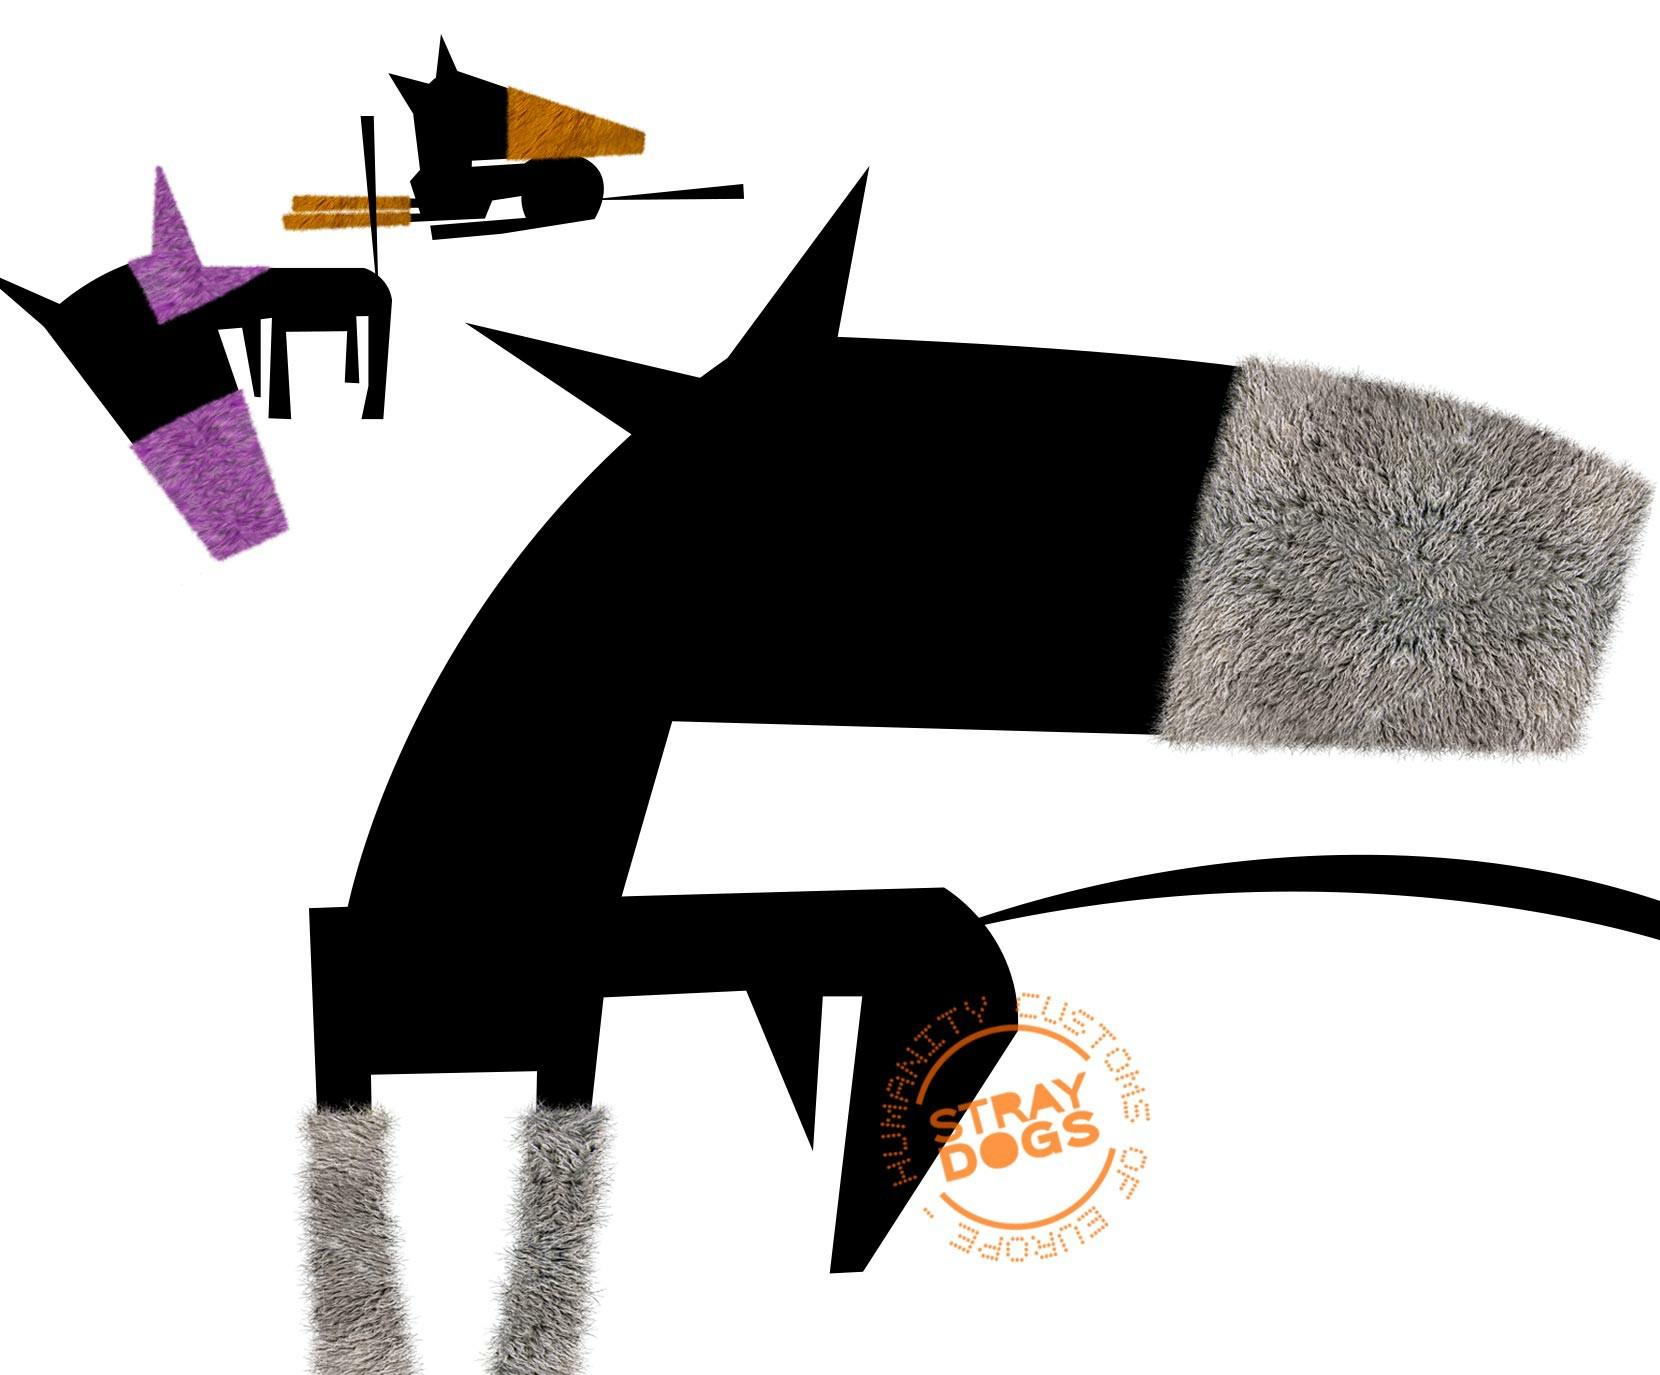 silvio-cocco-stray-dogs-project